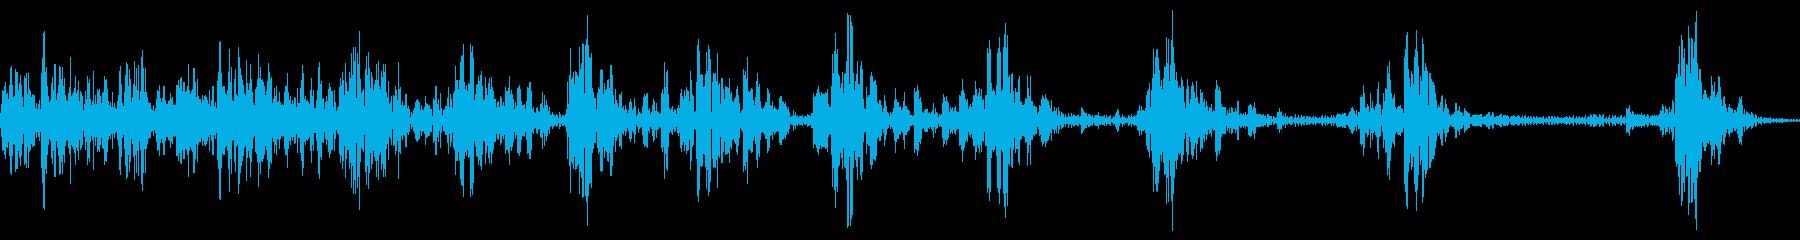 カータイヤフロップイン、ストップの再生済みの波形